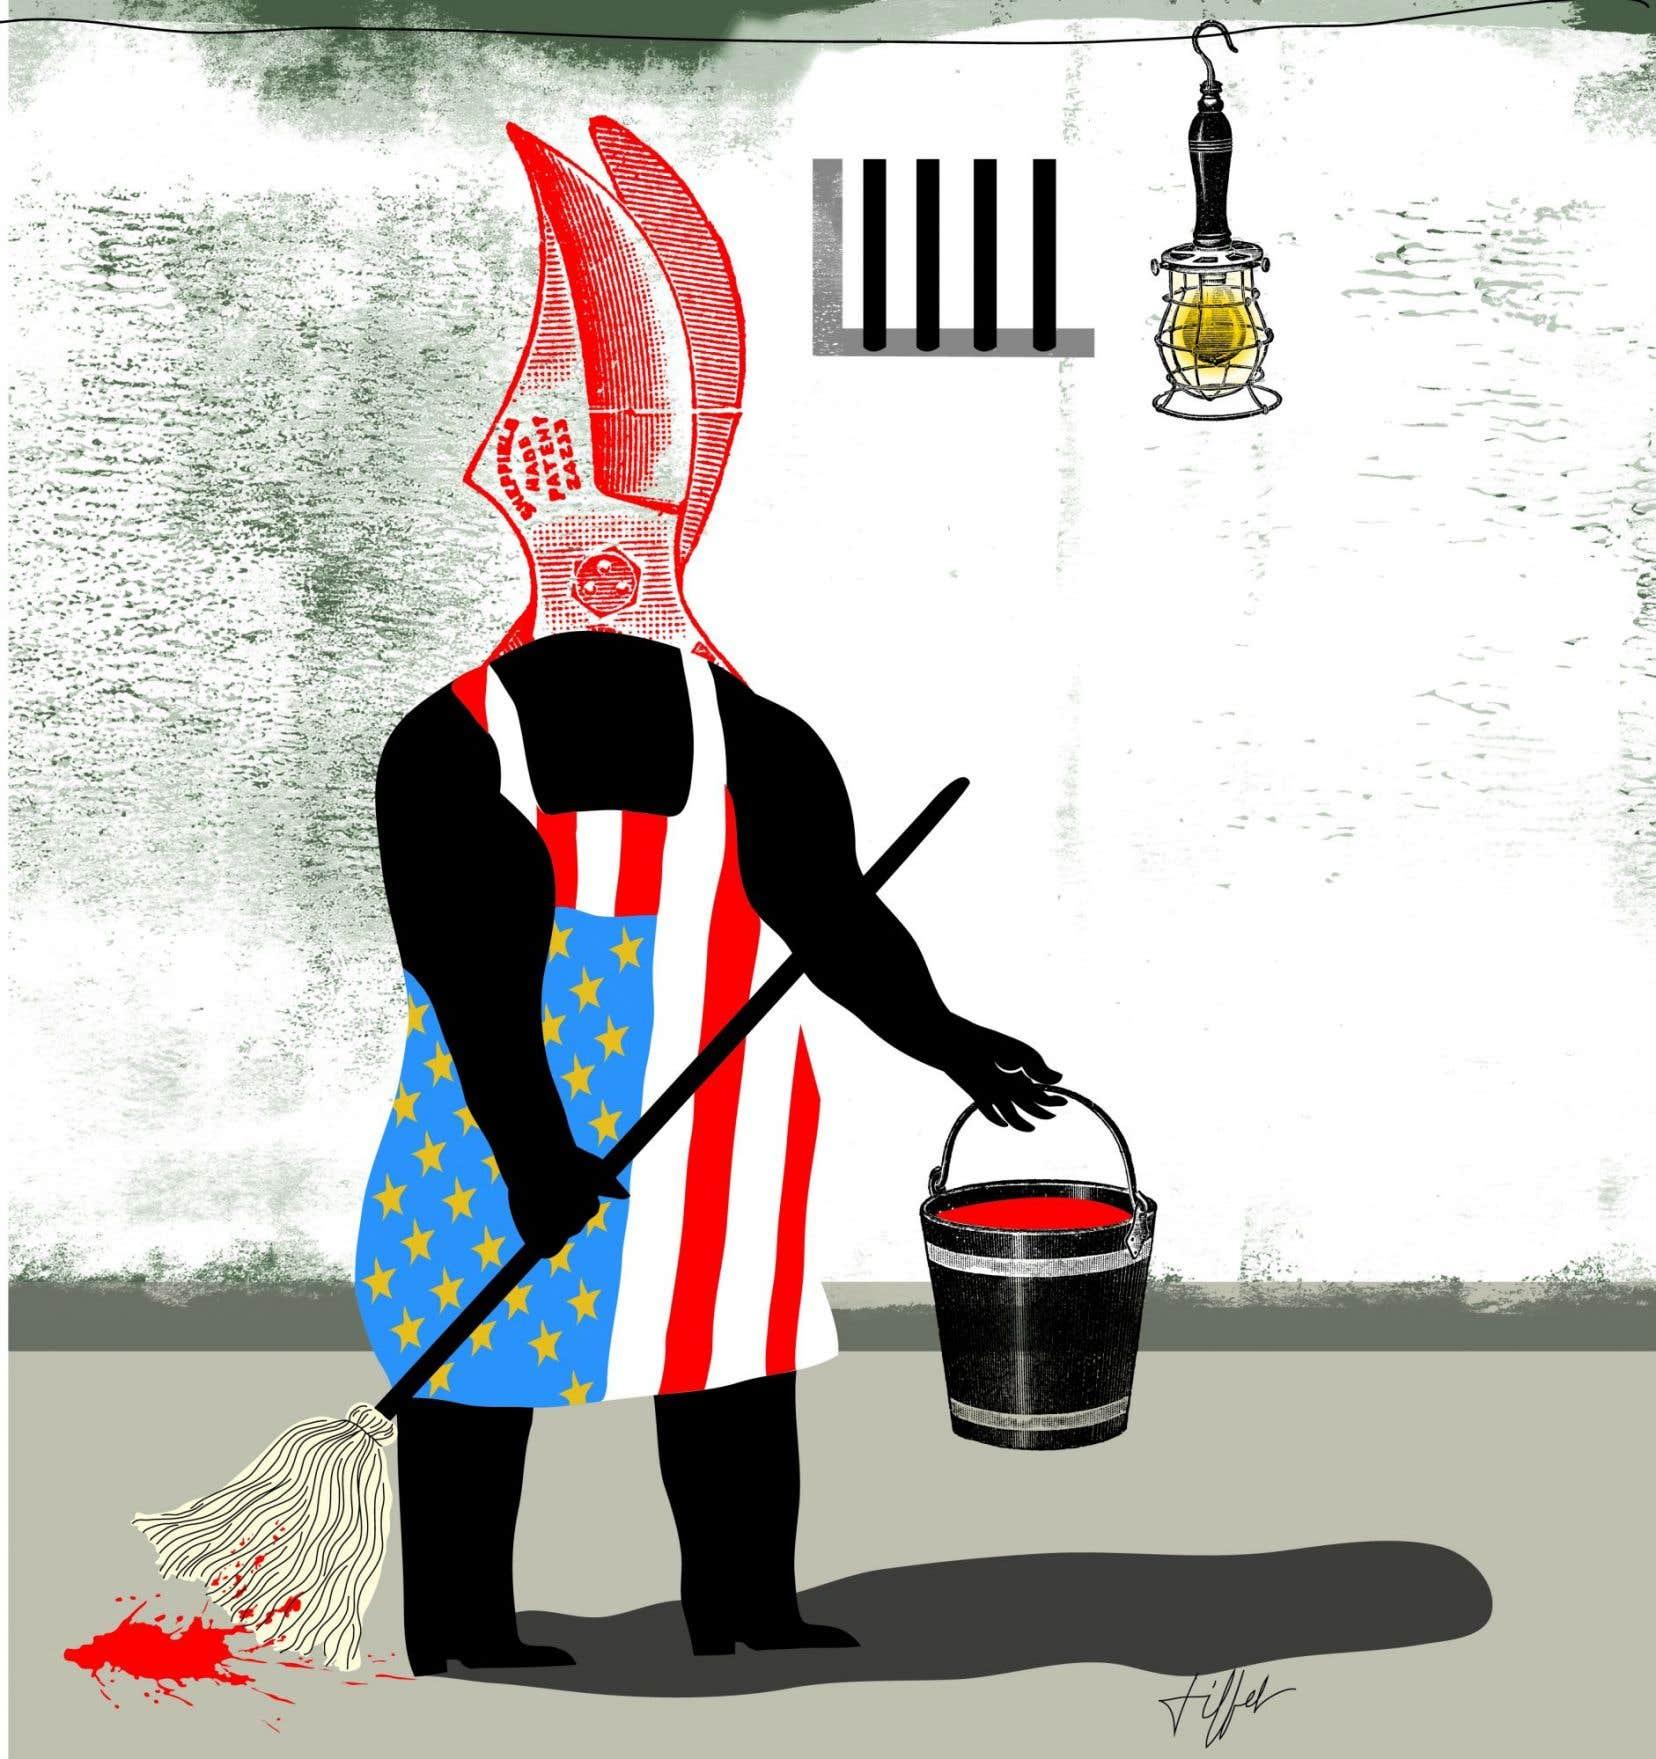 « Il est déconcertant de constater que ces crimes ne sont pas reconnus comme tels puisque aucune poursuite criminelle n'est entamée par le Procureur général des États-Unis. »